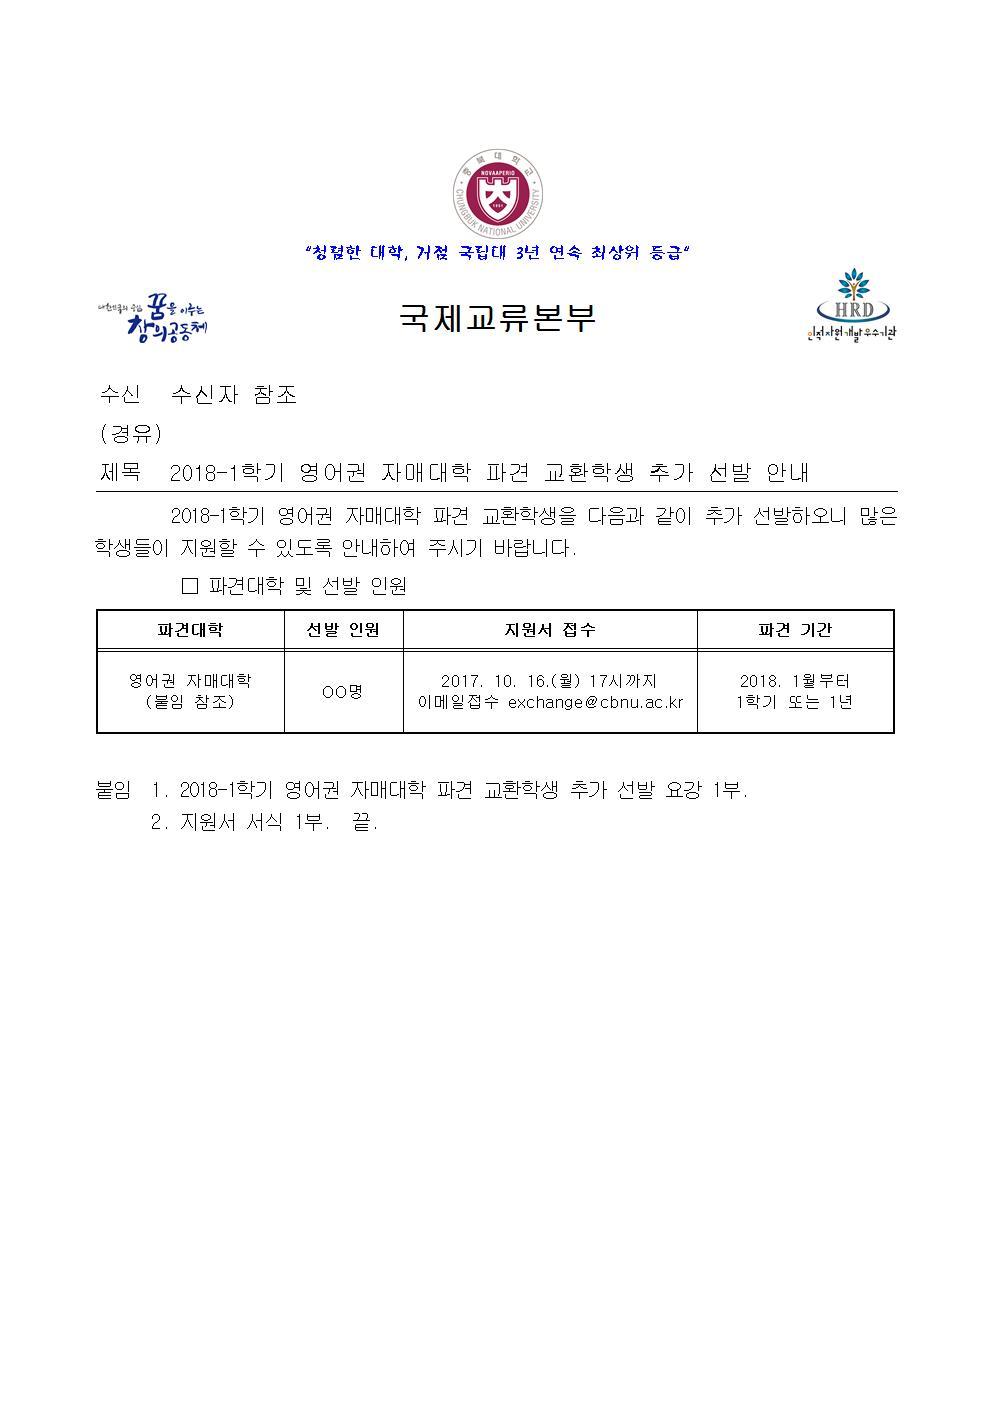 2018-1학기 영어권 자매대학 파견 교환학생 추가 선발 안내001.jpg